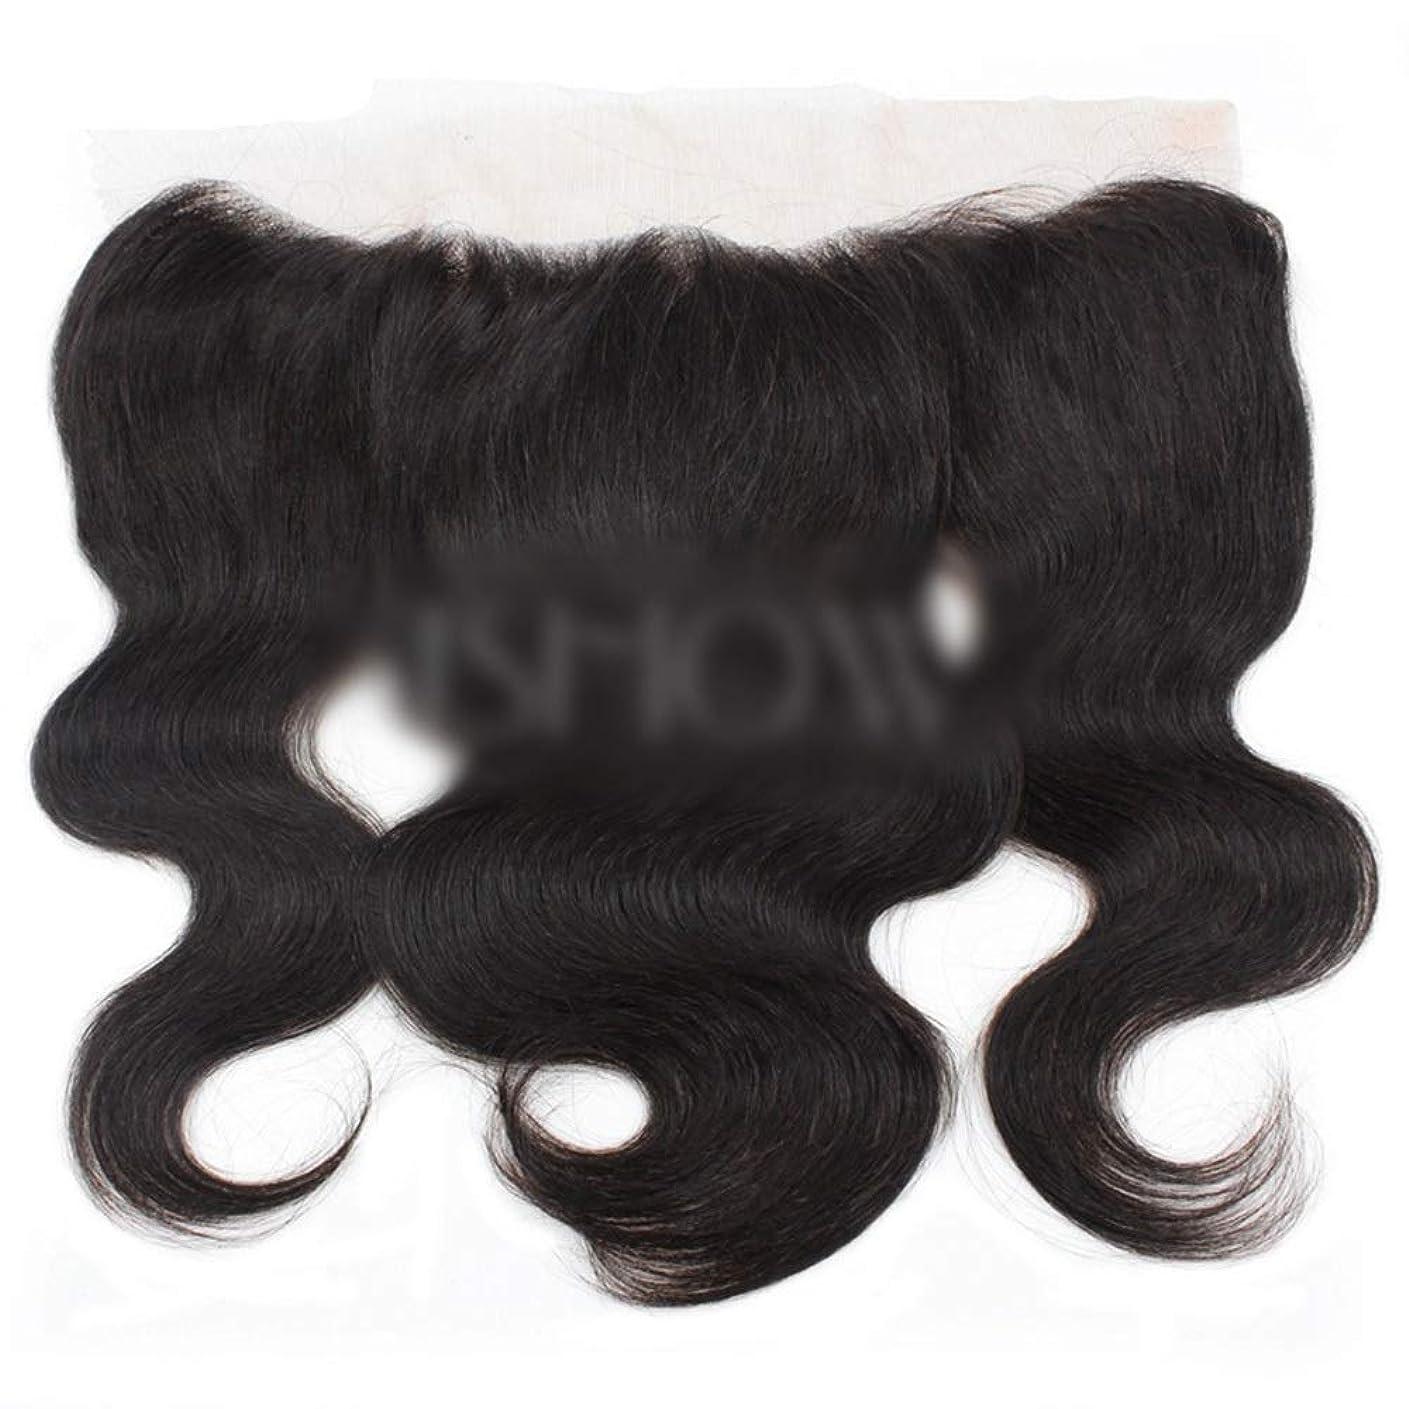 ドラフト感謝する問題YAHONGOE フリーパート13x4インチ実体波レース前頭閉鎖9Aブラジルの人間の髪の毛の自然な色の合成髪のレースのかつらロールプレイングウィッグロングとショートの女性自然 (色 : 黒, サイズ : 12 inch)